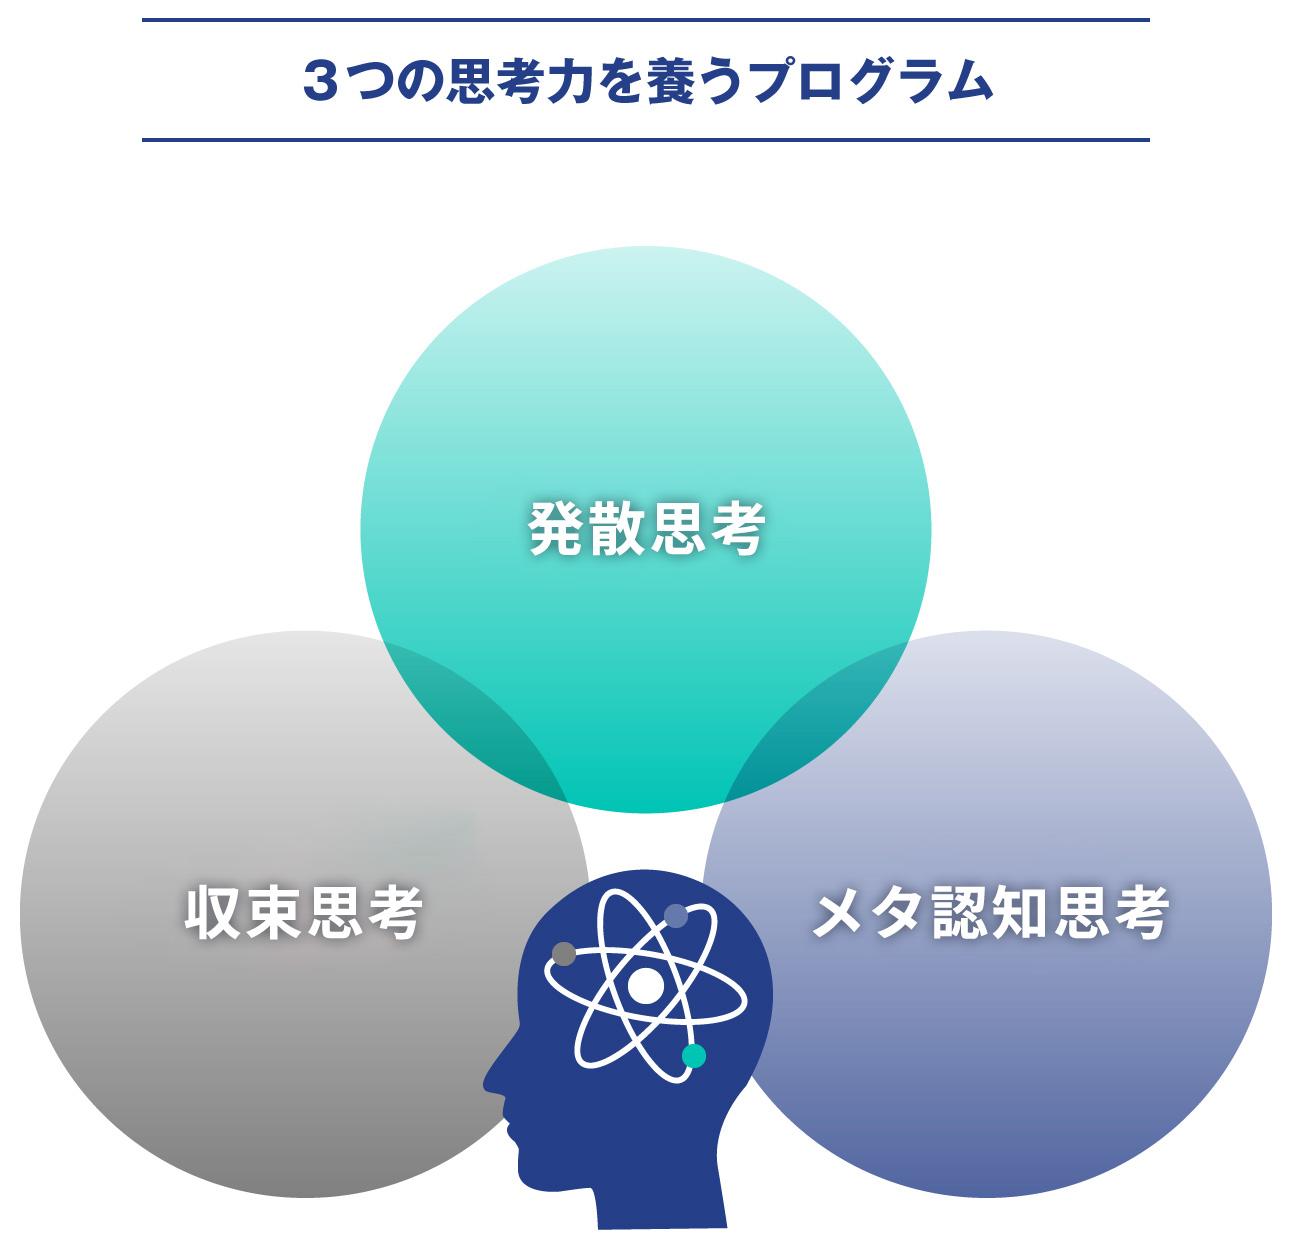 3つの思考力を養うプログラム